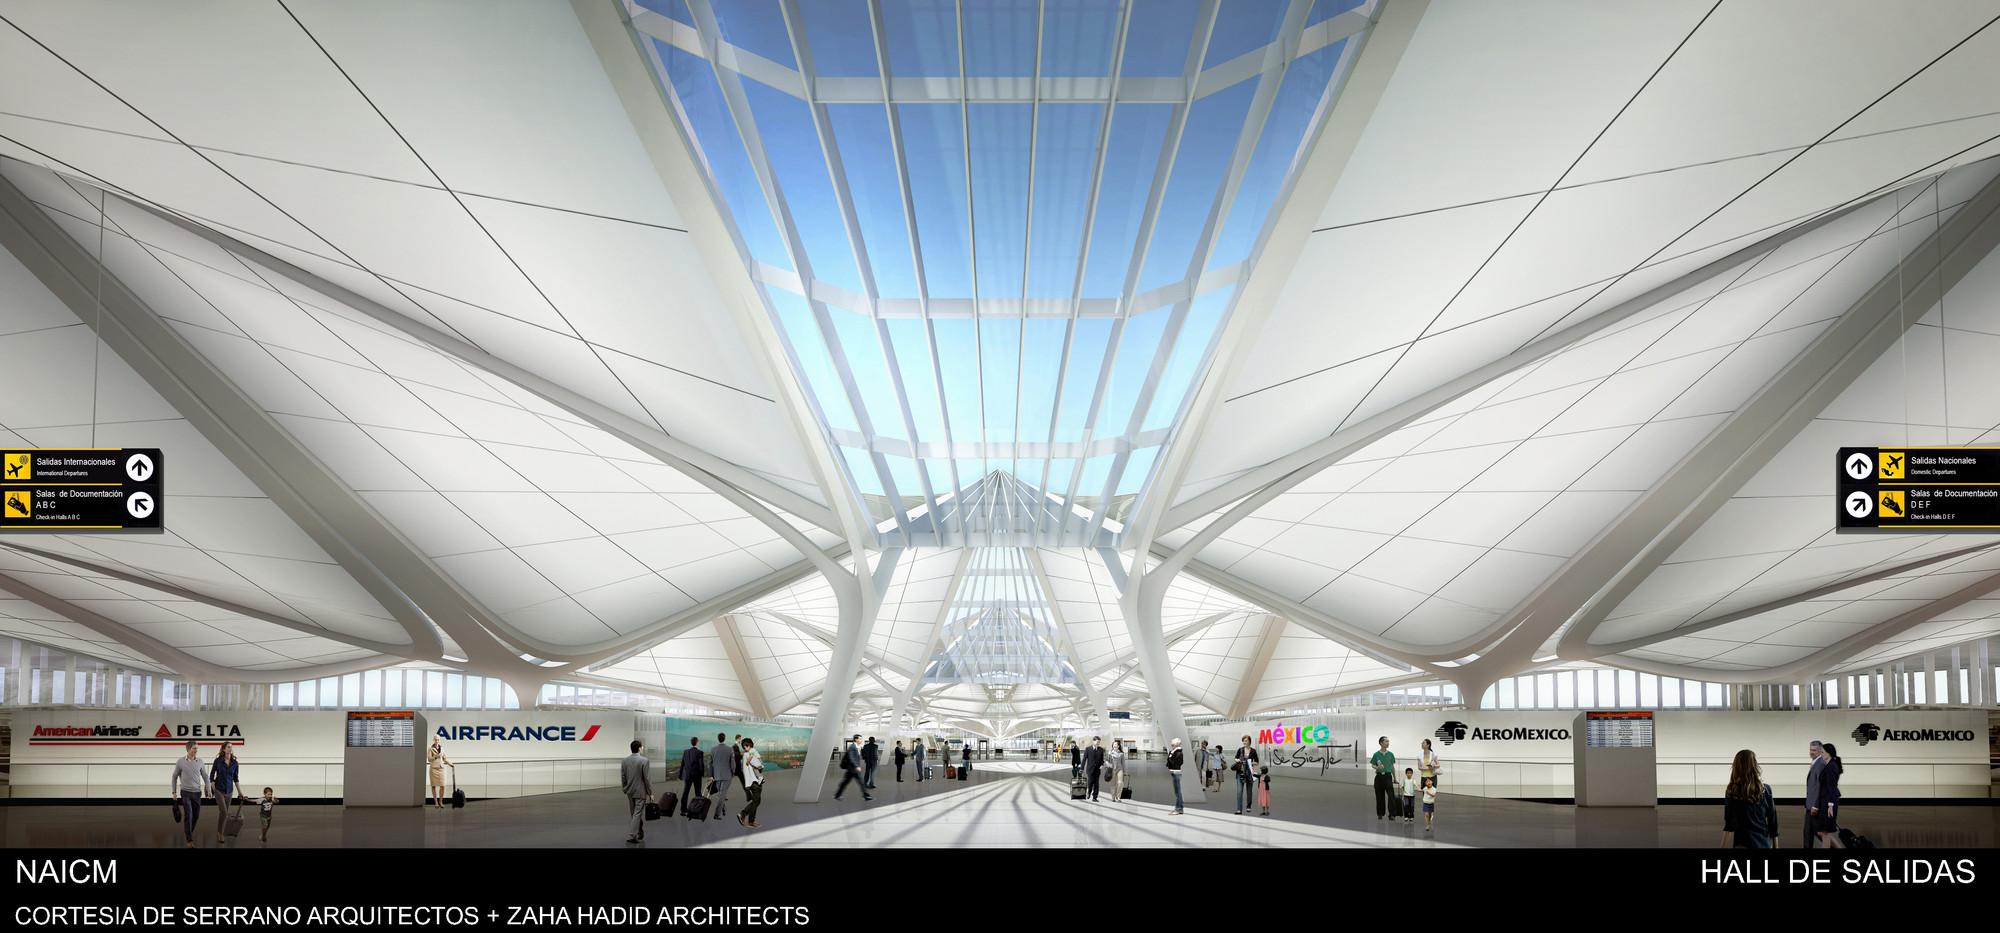 Galer a de serrano arquitectos zaha hadid architects for Puerta 6 aeropuerto ciudad mexico